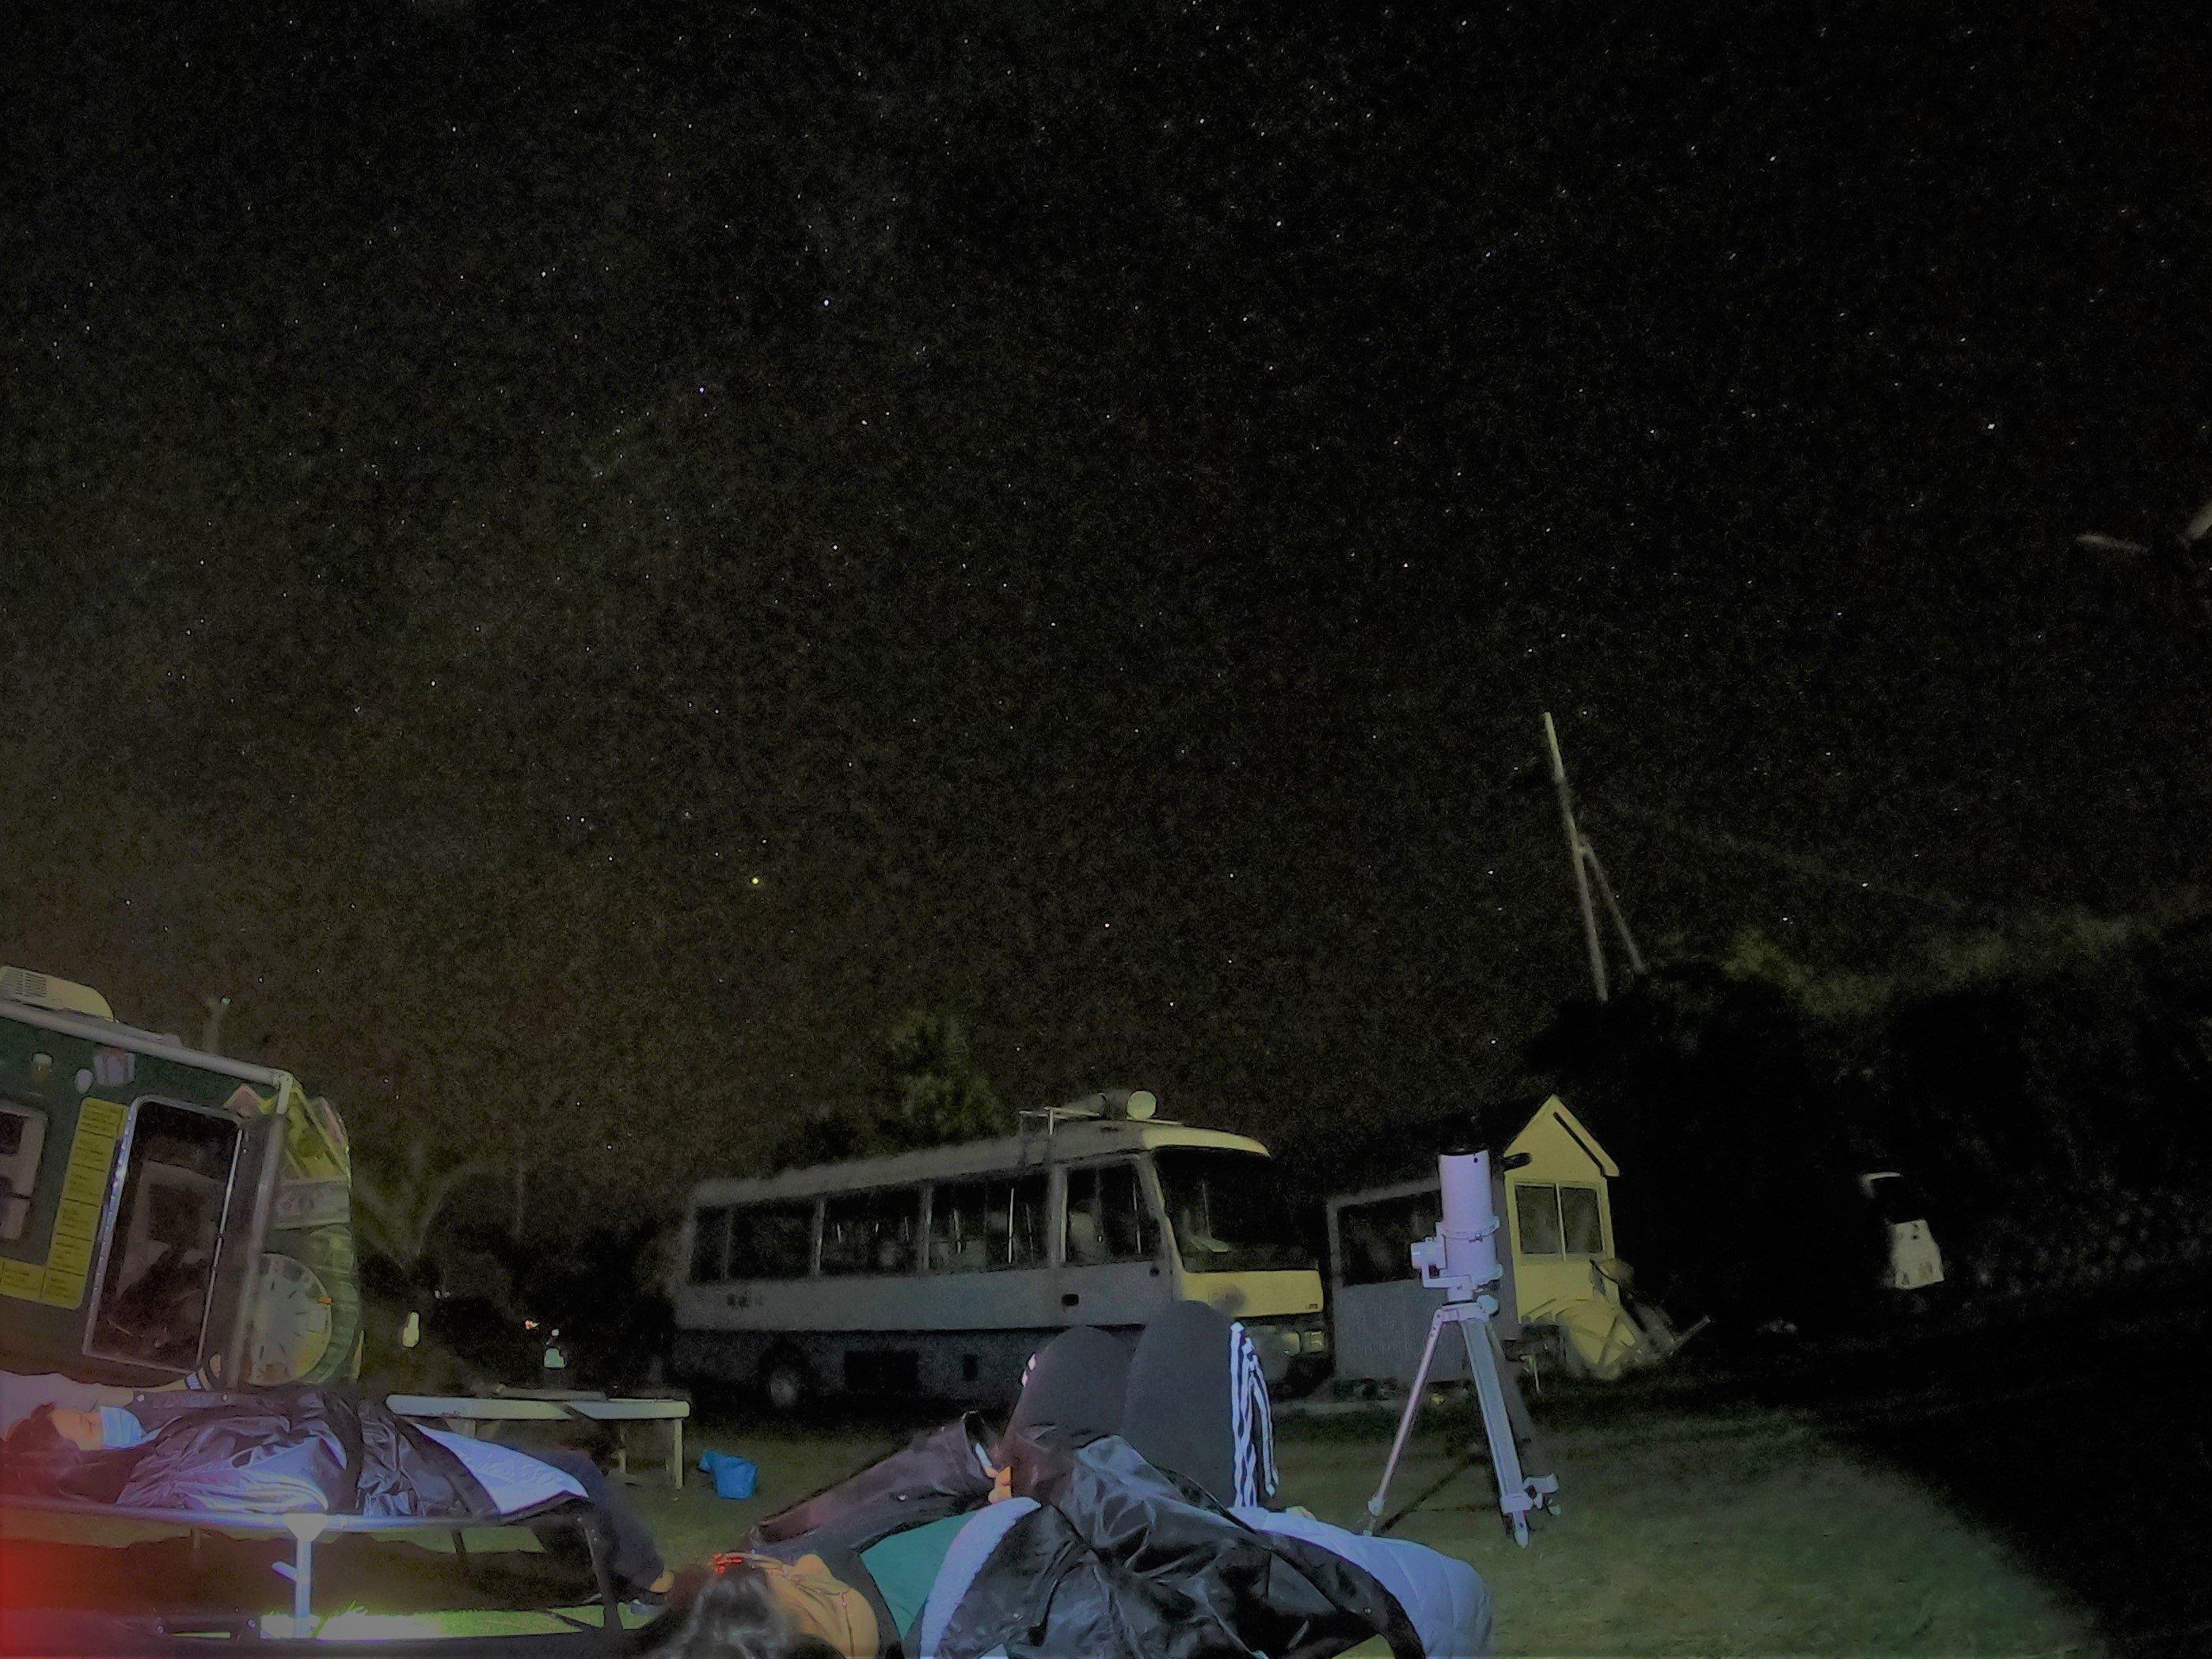 夜空の見楽ツアー 星空!お月見!のイメージその2